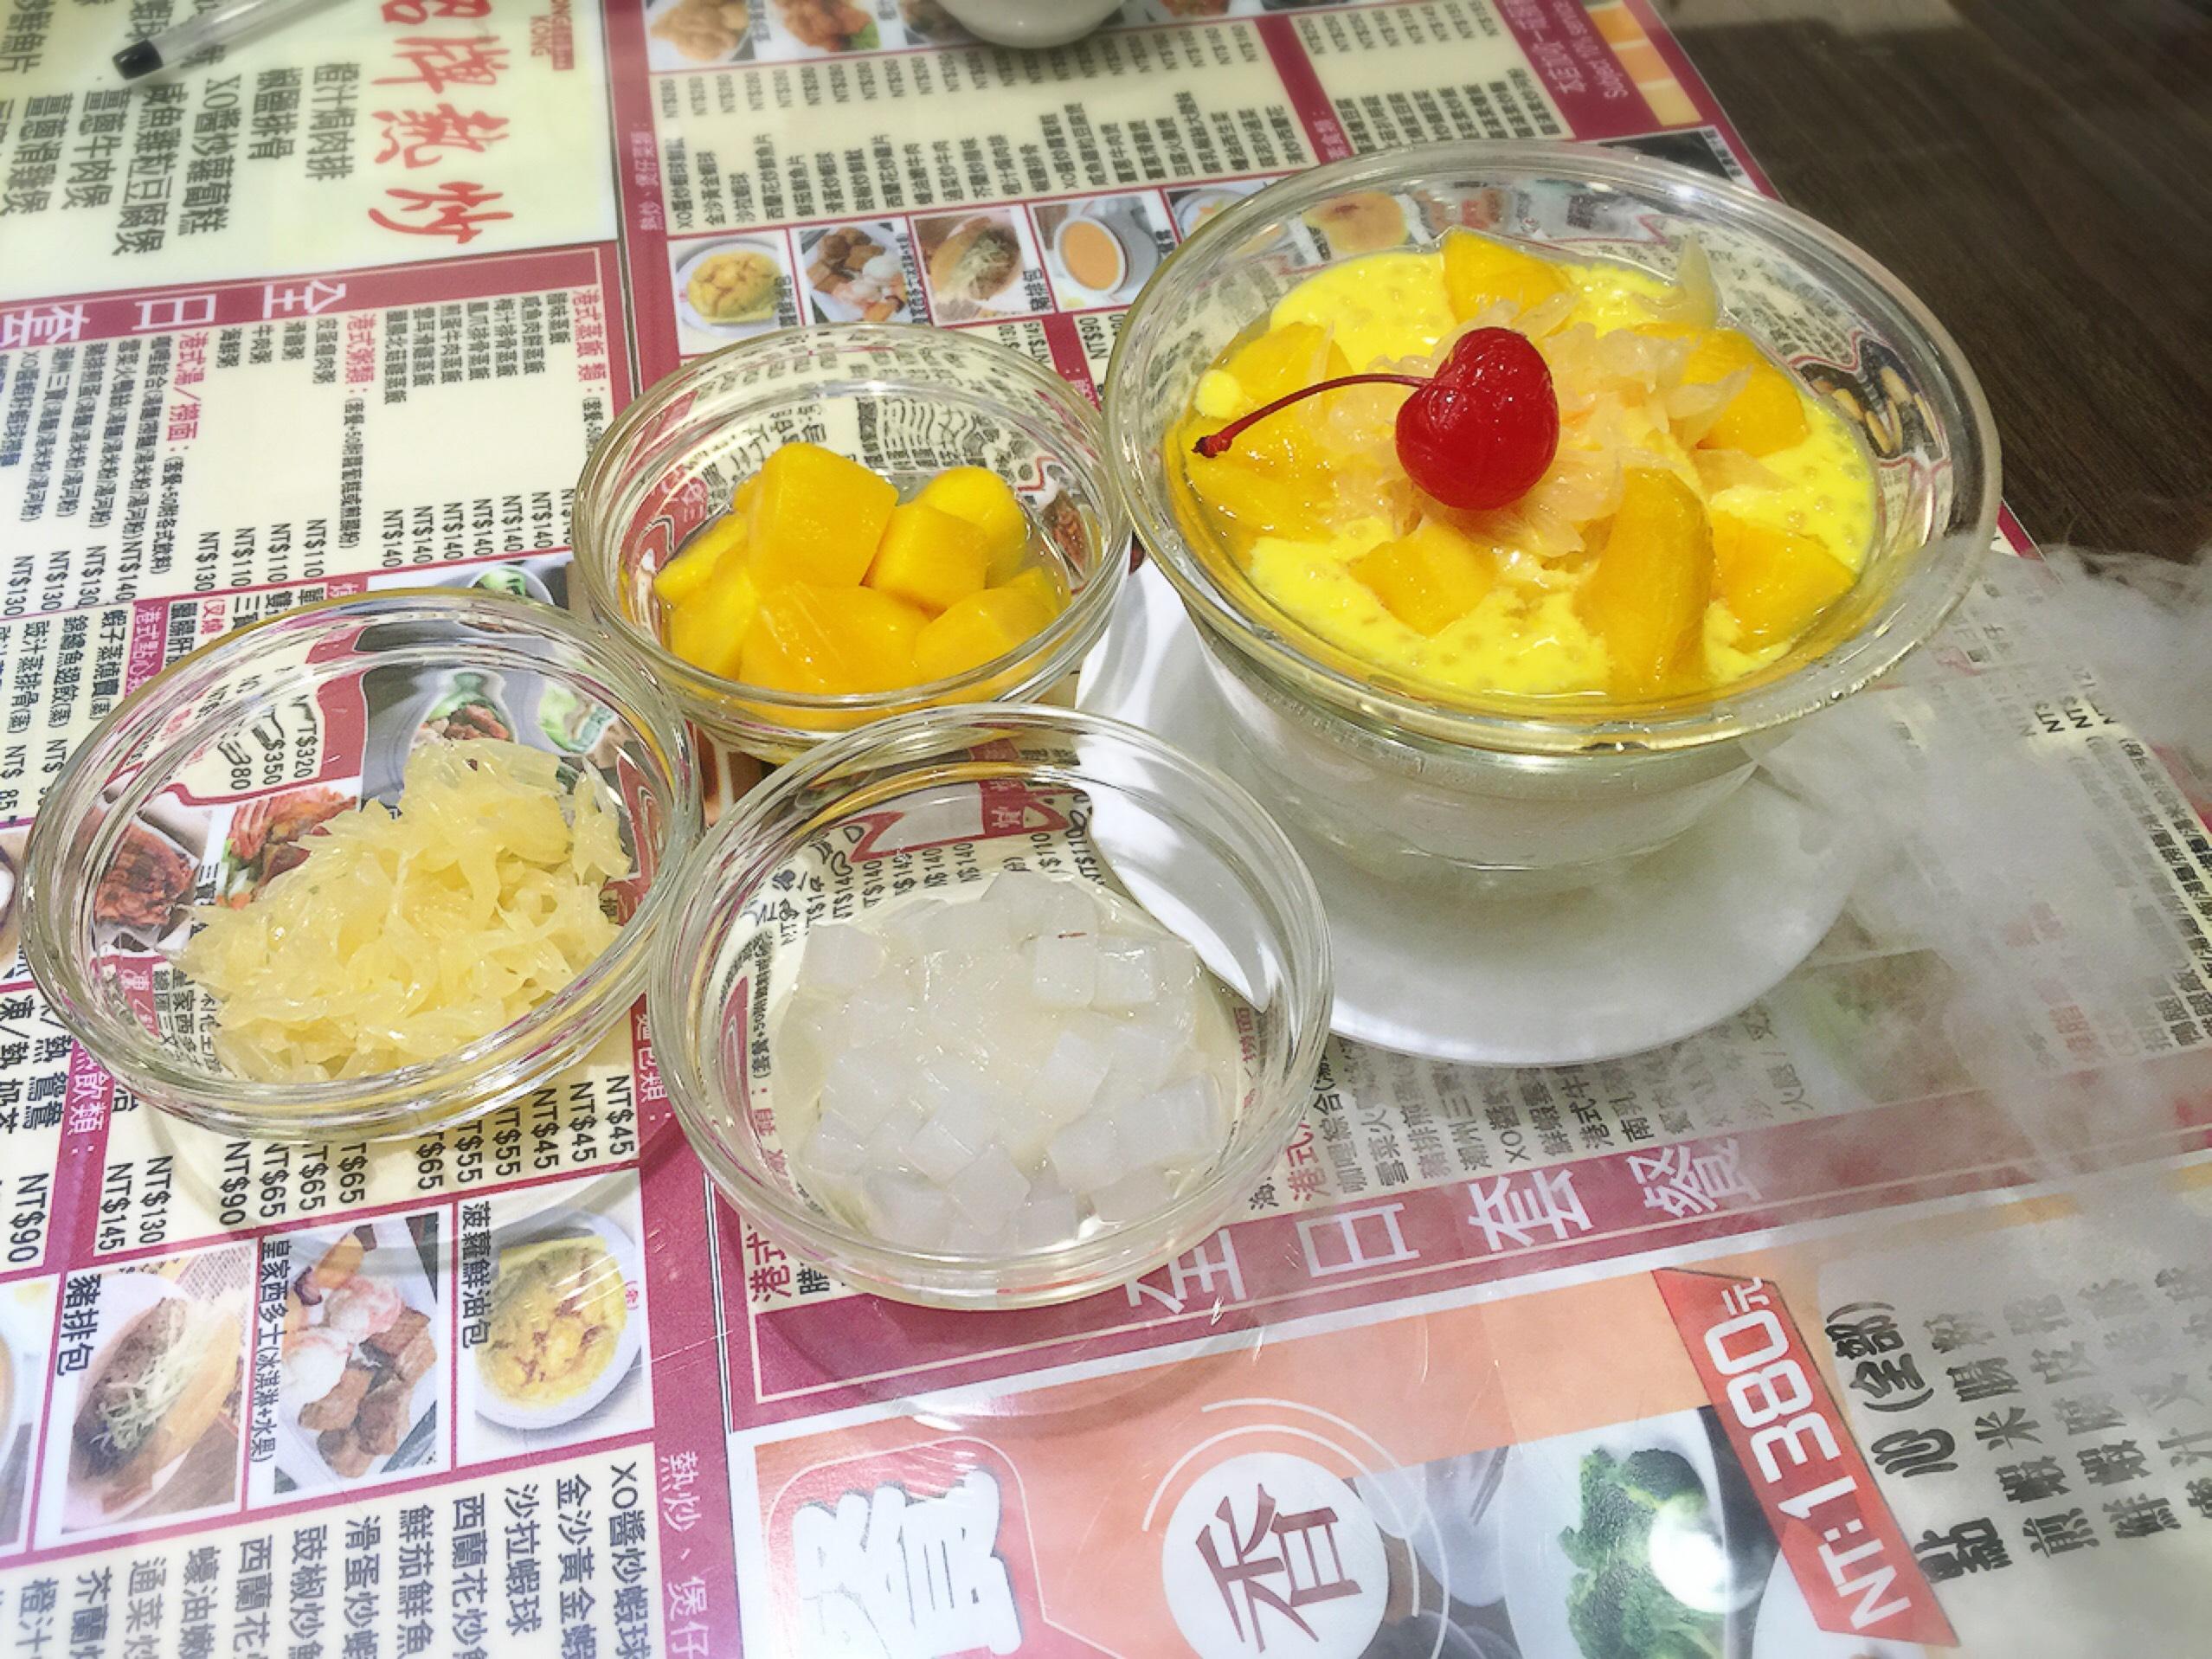 傳統香港甜品楊枝甘露。攝影/蘇蓉